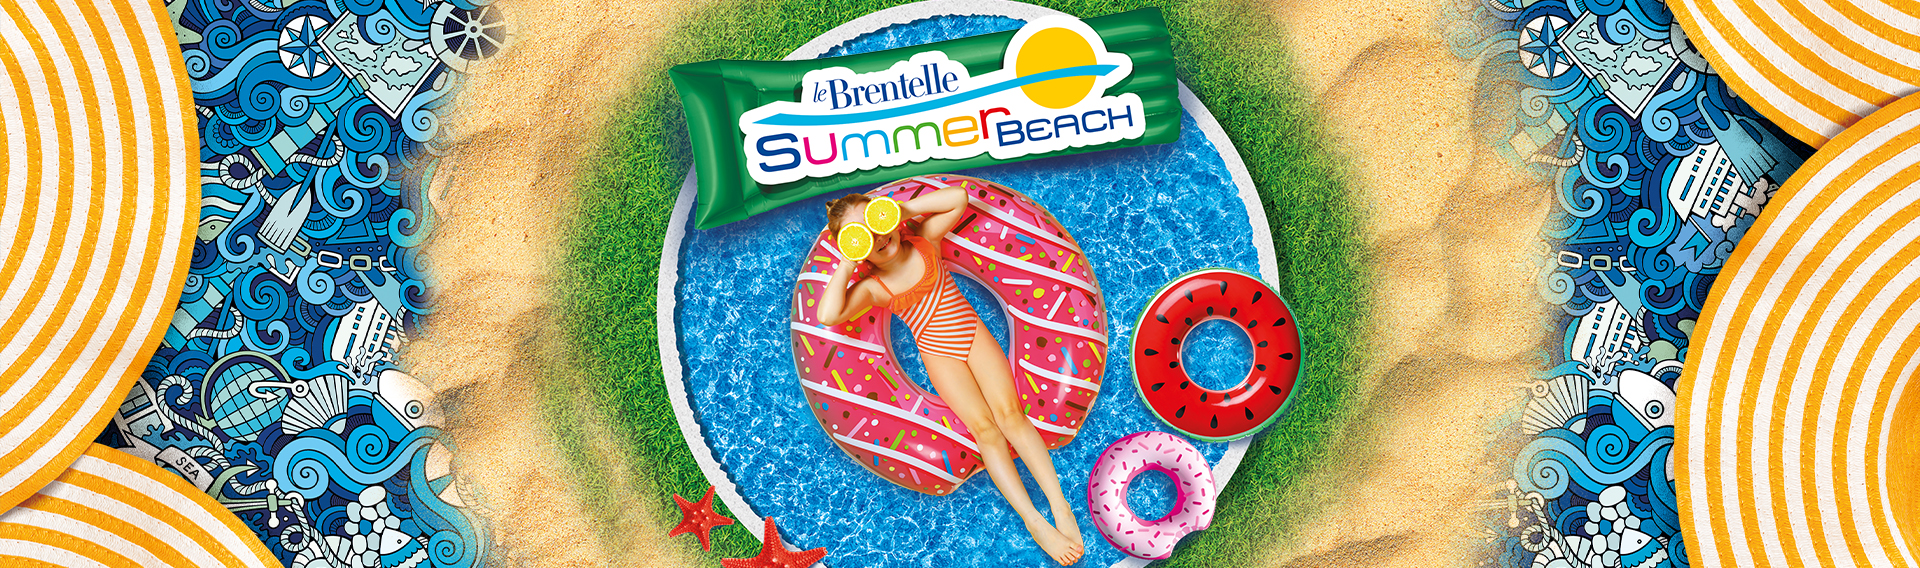 BRENTELLE_SUMMER_BEACH_SITO_1920X568